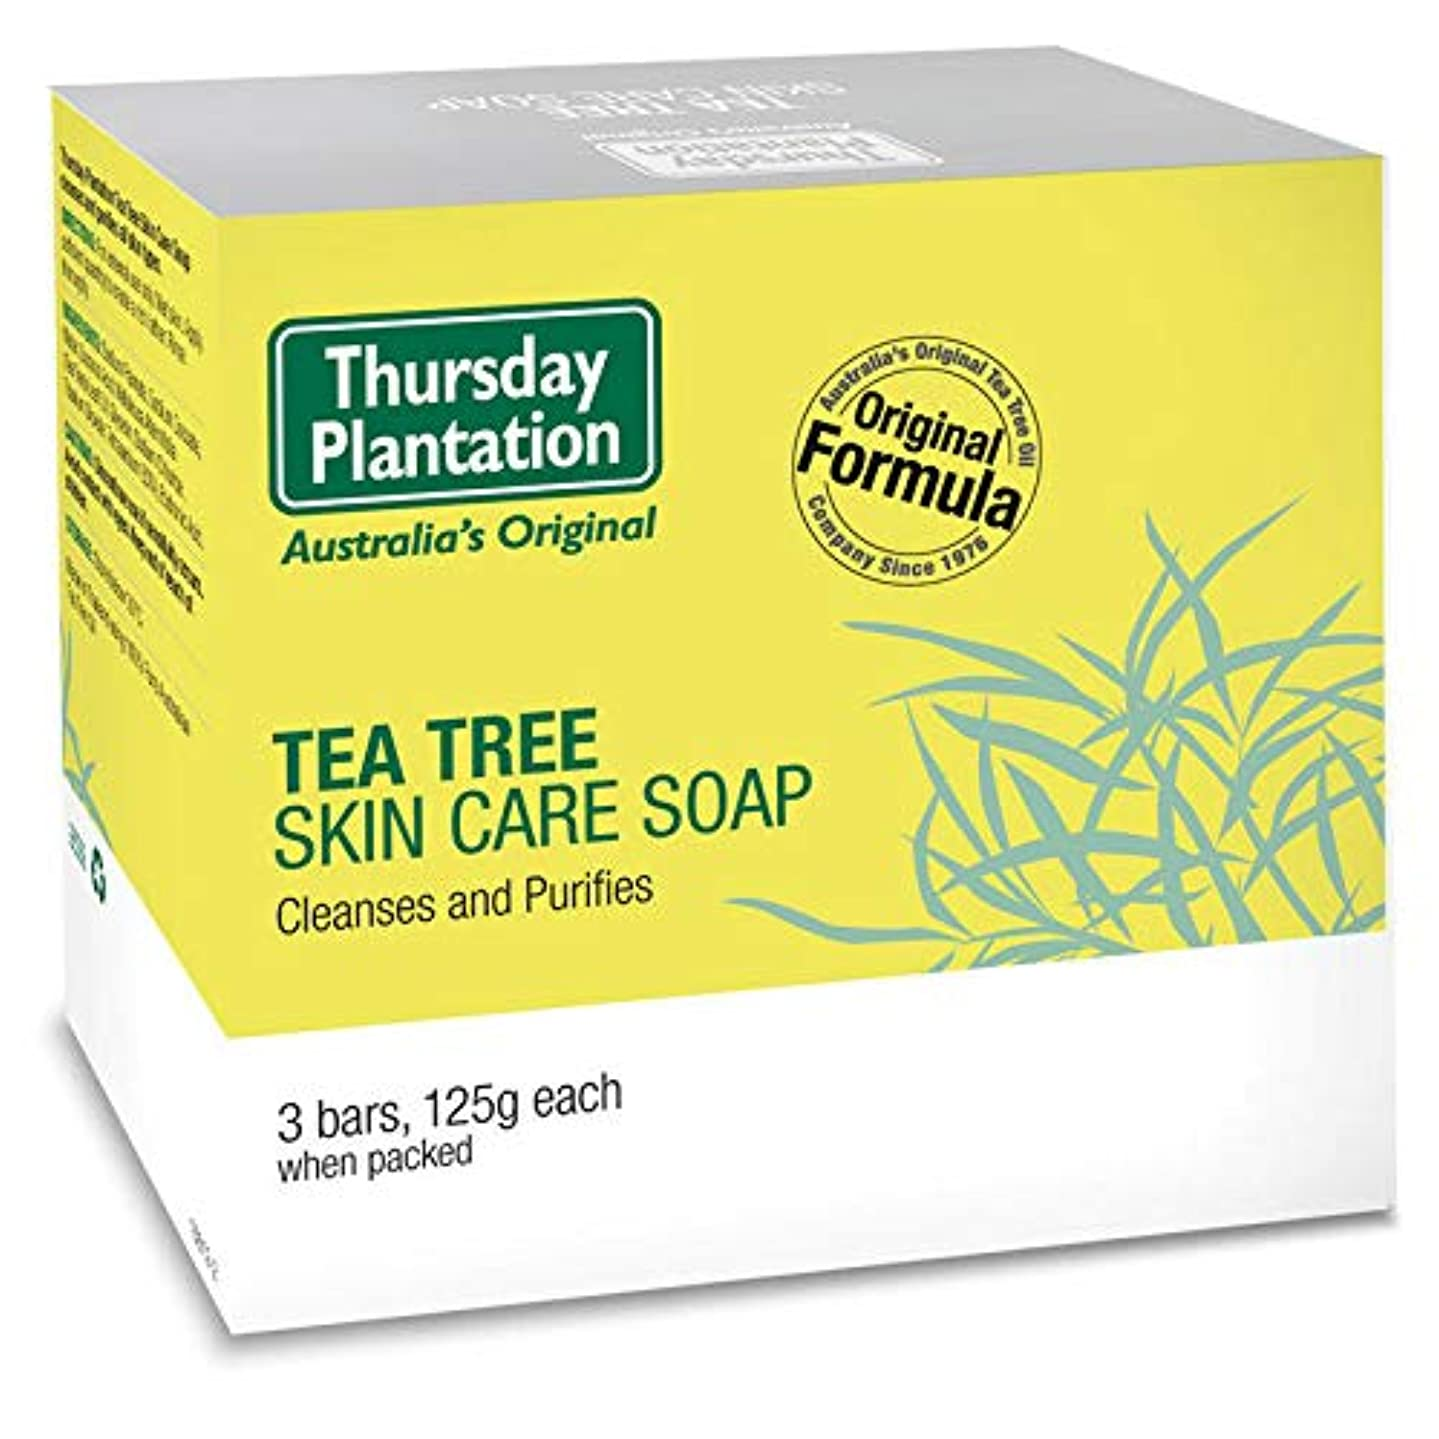 【殺菌、清潔 、ニキビ、吹き出物】 ティーツリー スキンケア ソープ 125g 3個セット Thursday Plantation オーストラリア産